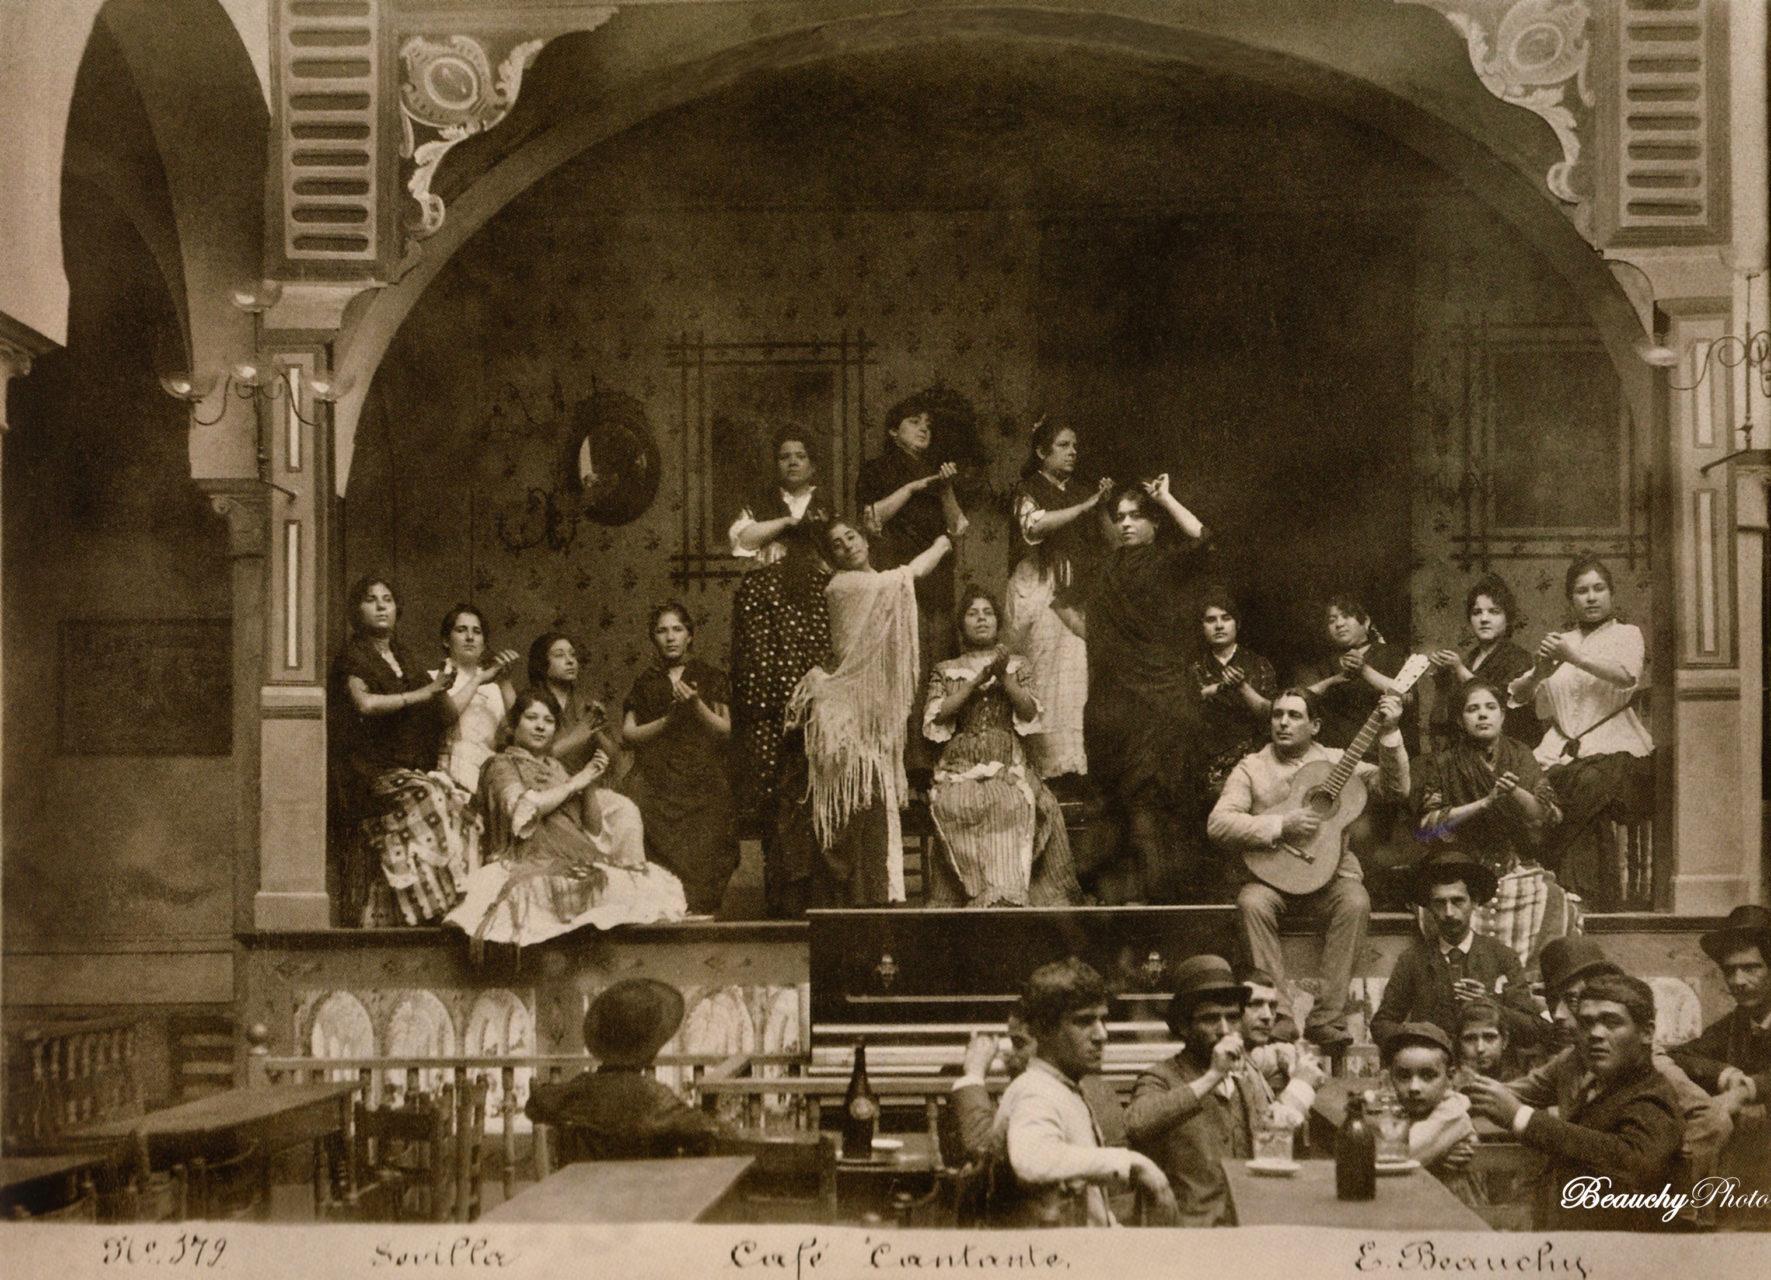 Beauchyphoto_Café_Cantante_Nº179_Emilio_Beauchy_Cano_fotografias_antiguas_postales_retratos_flamenco